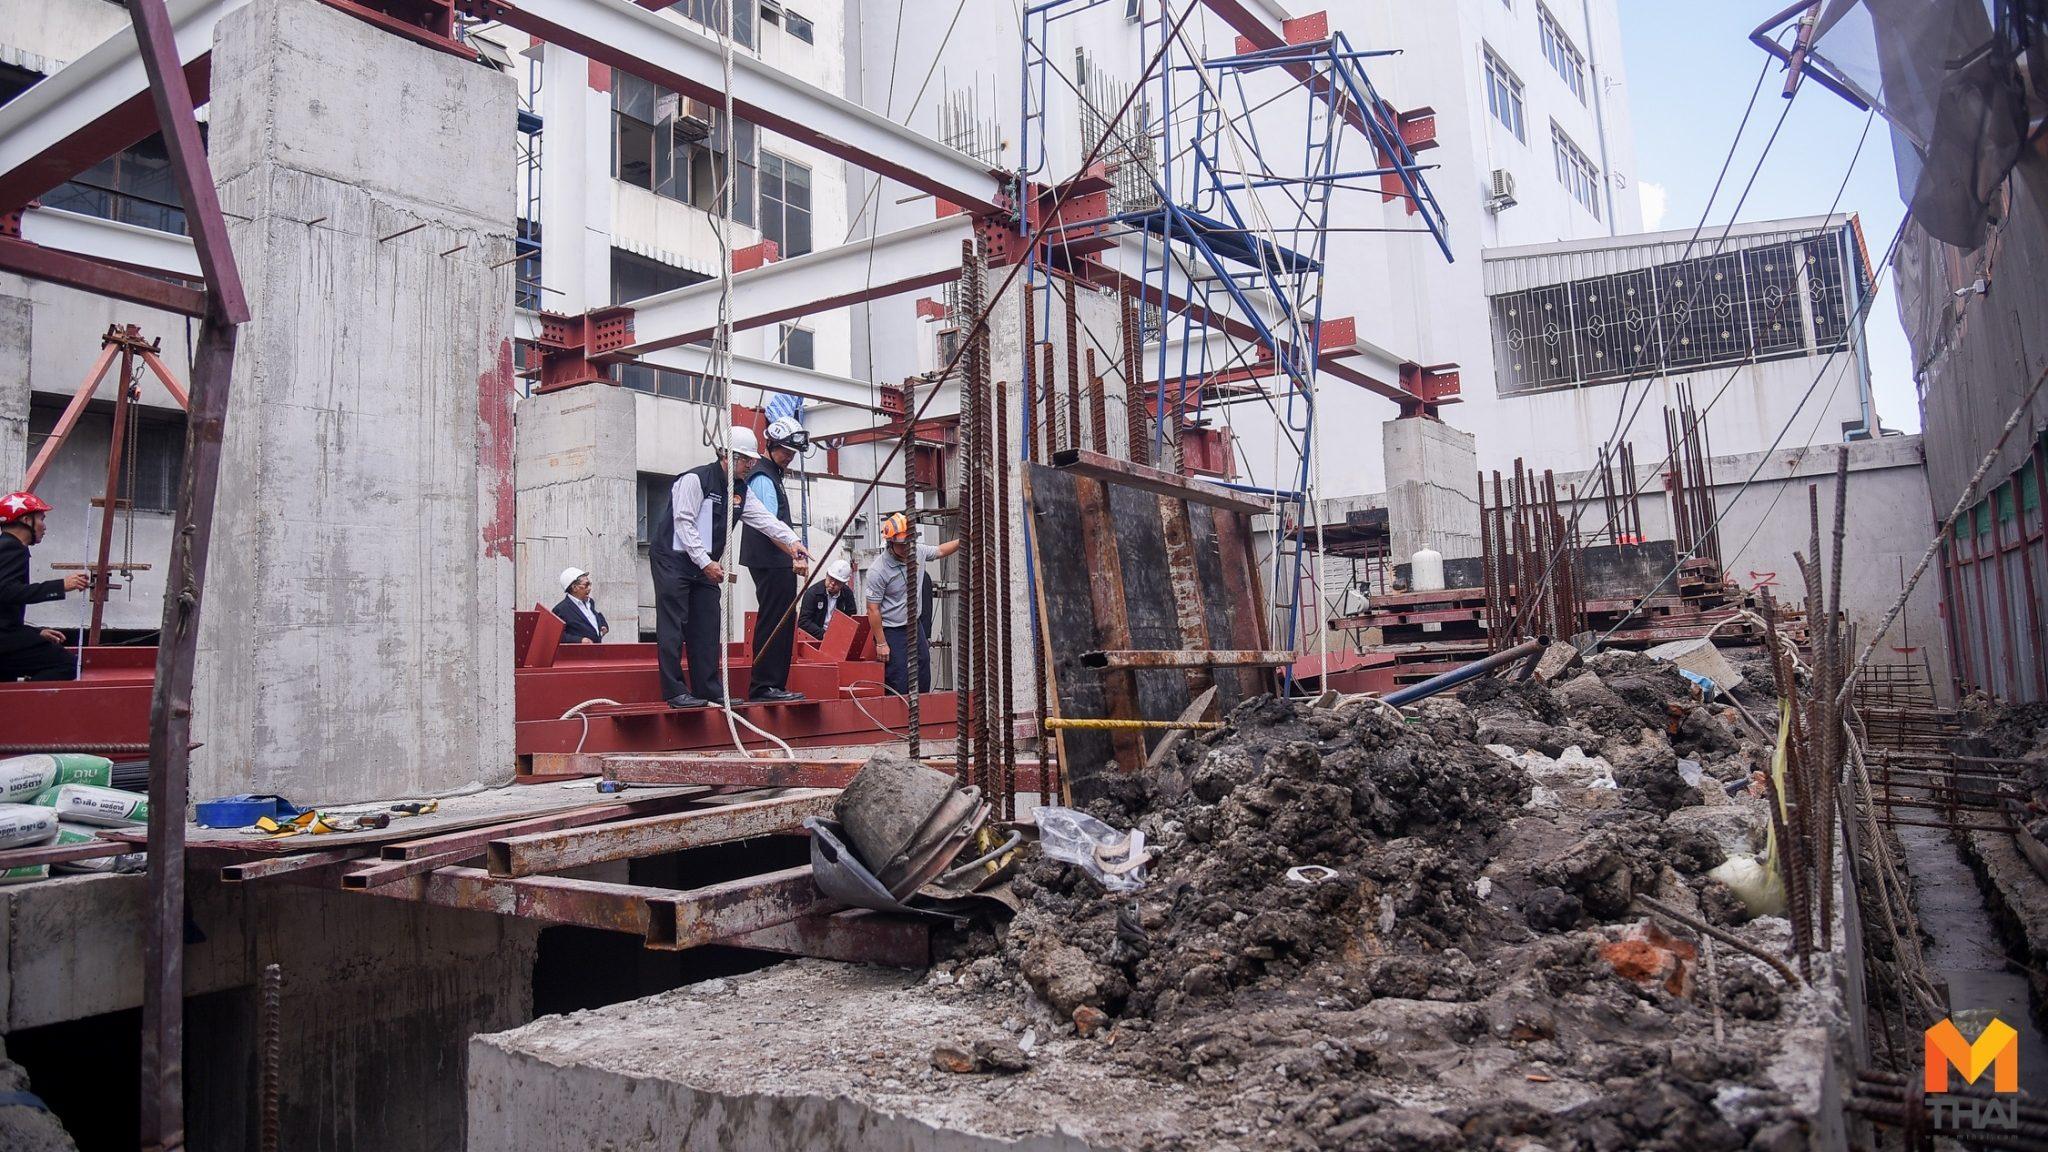 วสท. เข้าตรวจไซด์งานก่อสร้าง หลังเครนชักรอกทับคนงานเจ็บ 3 ราย